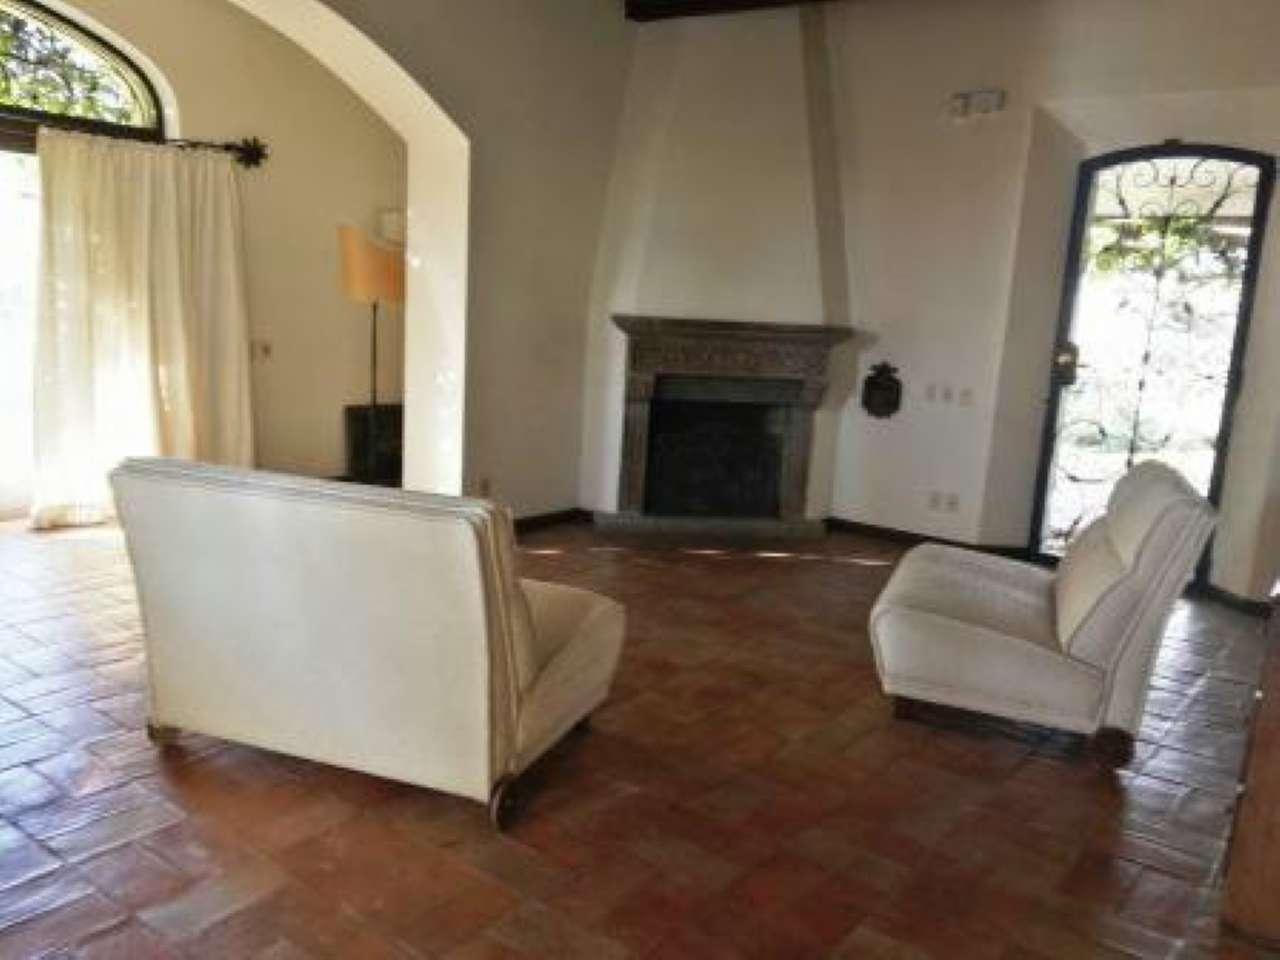 Villa in affitto a Cesena, 7 locali, Trattative riservate | Cambio Casa.it